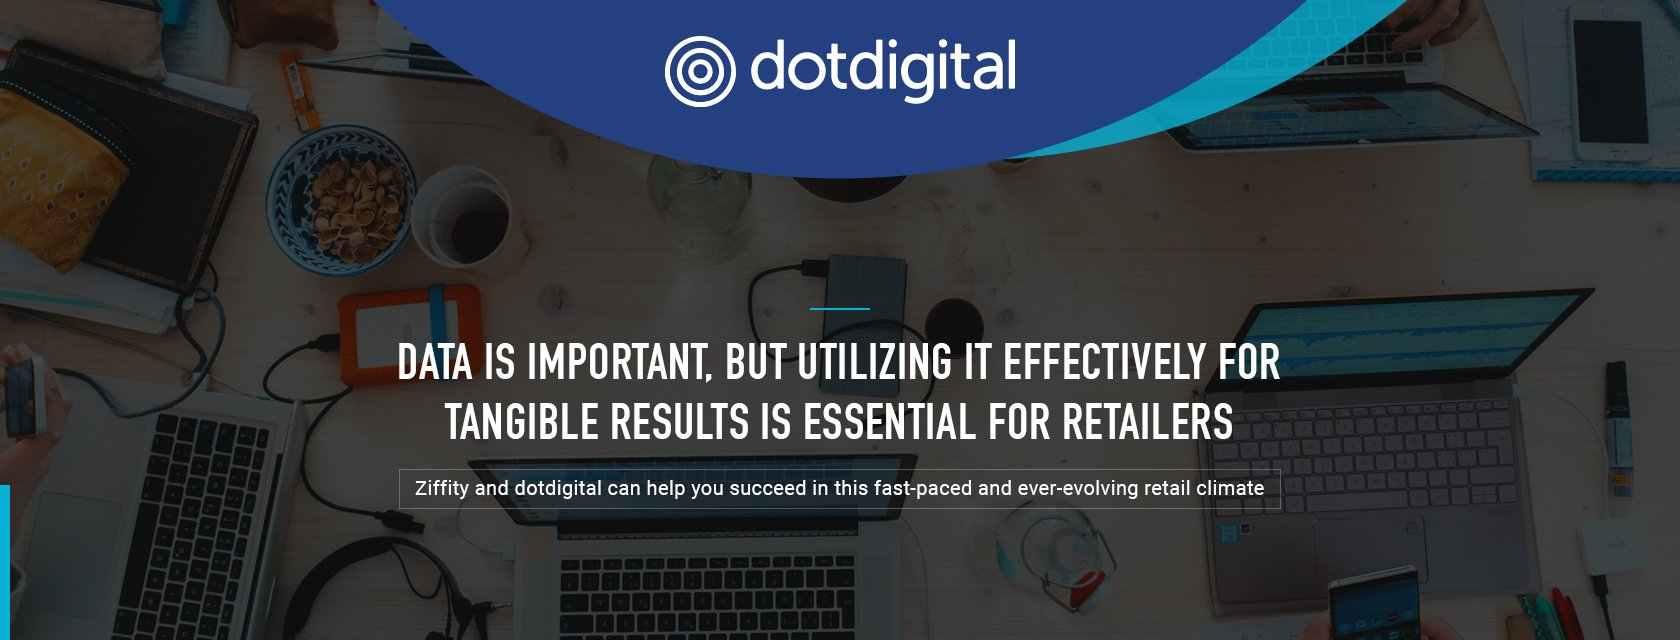 Dotdigital Integration